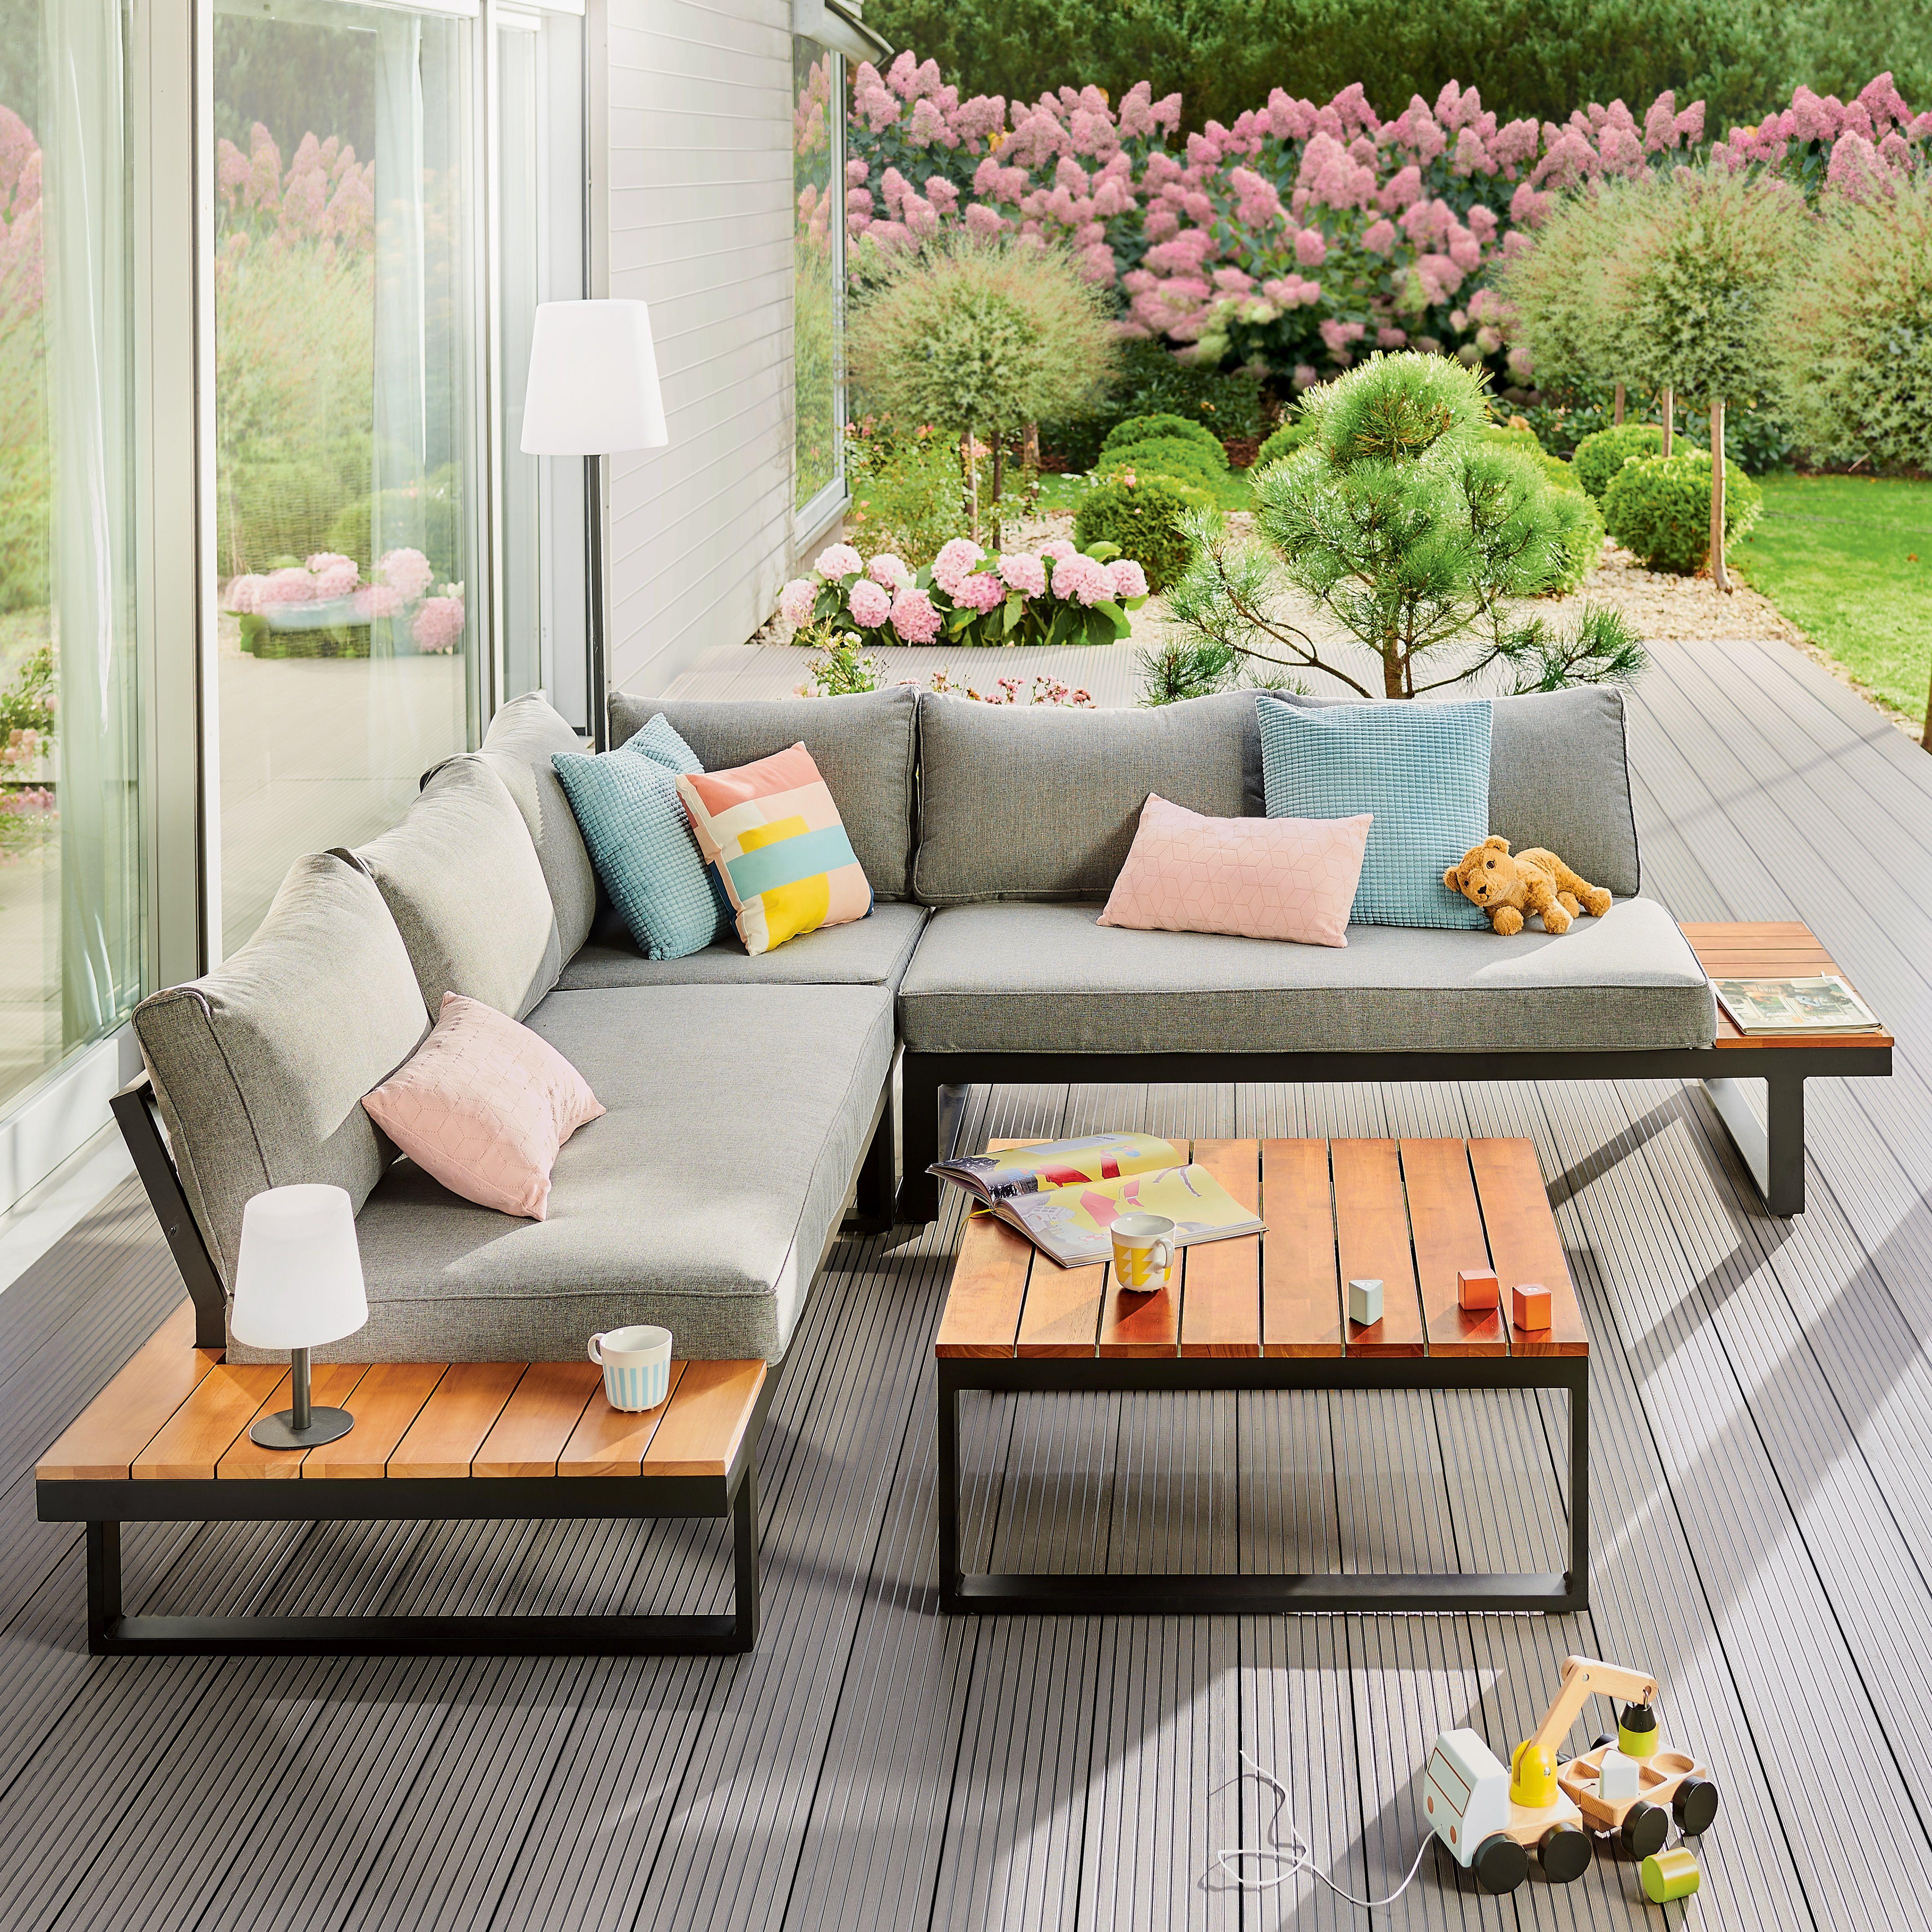 Minimalizm Z Kolorem Outdoor Furniture Sets Outdoor Furniture Outdoor Sectional Sofa